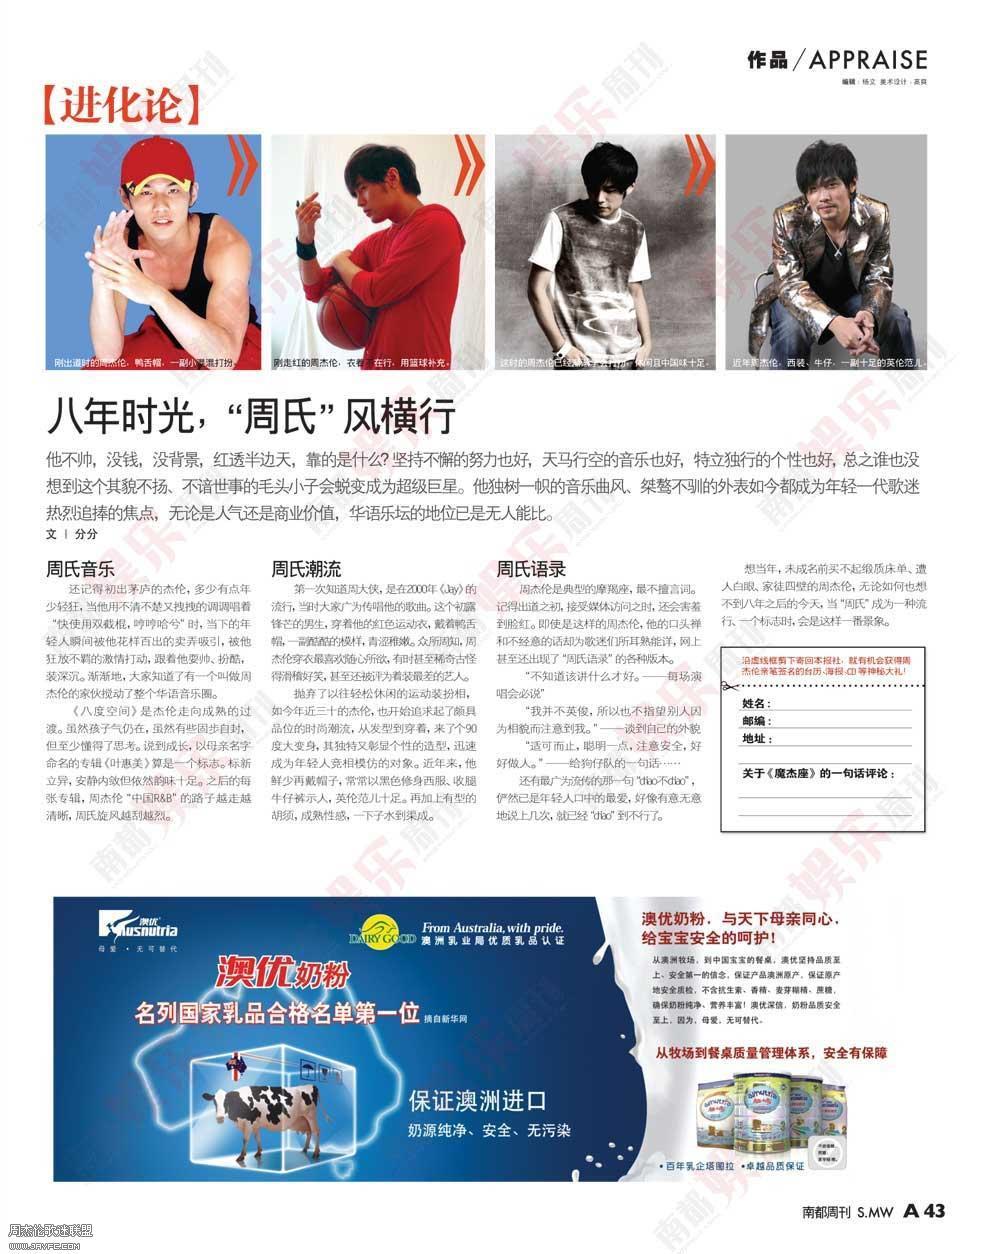 南都娱乐周刊封面+内页 人气:1053